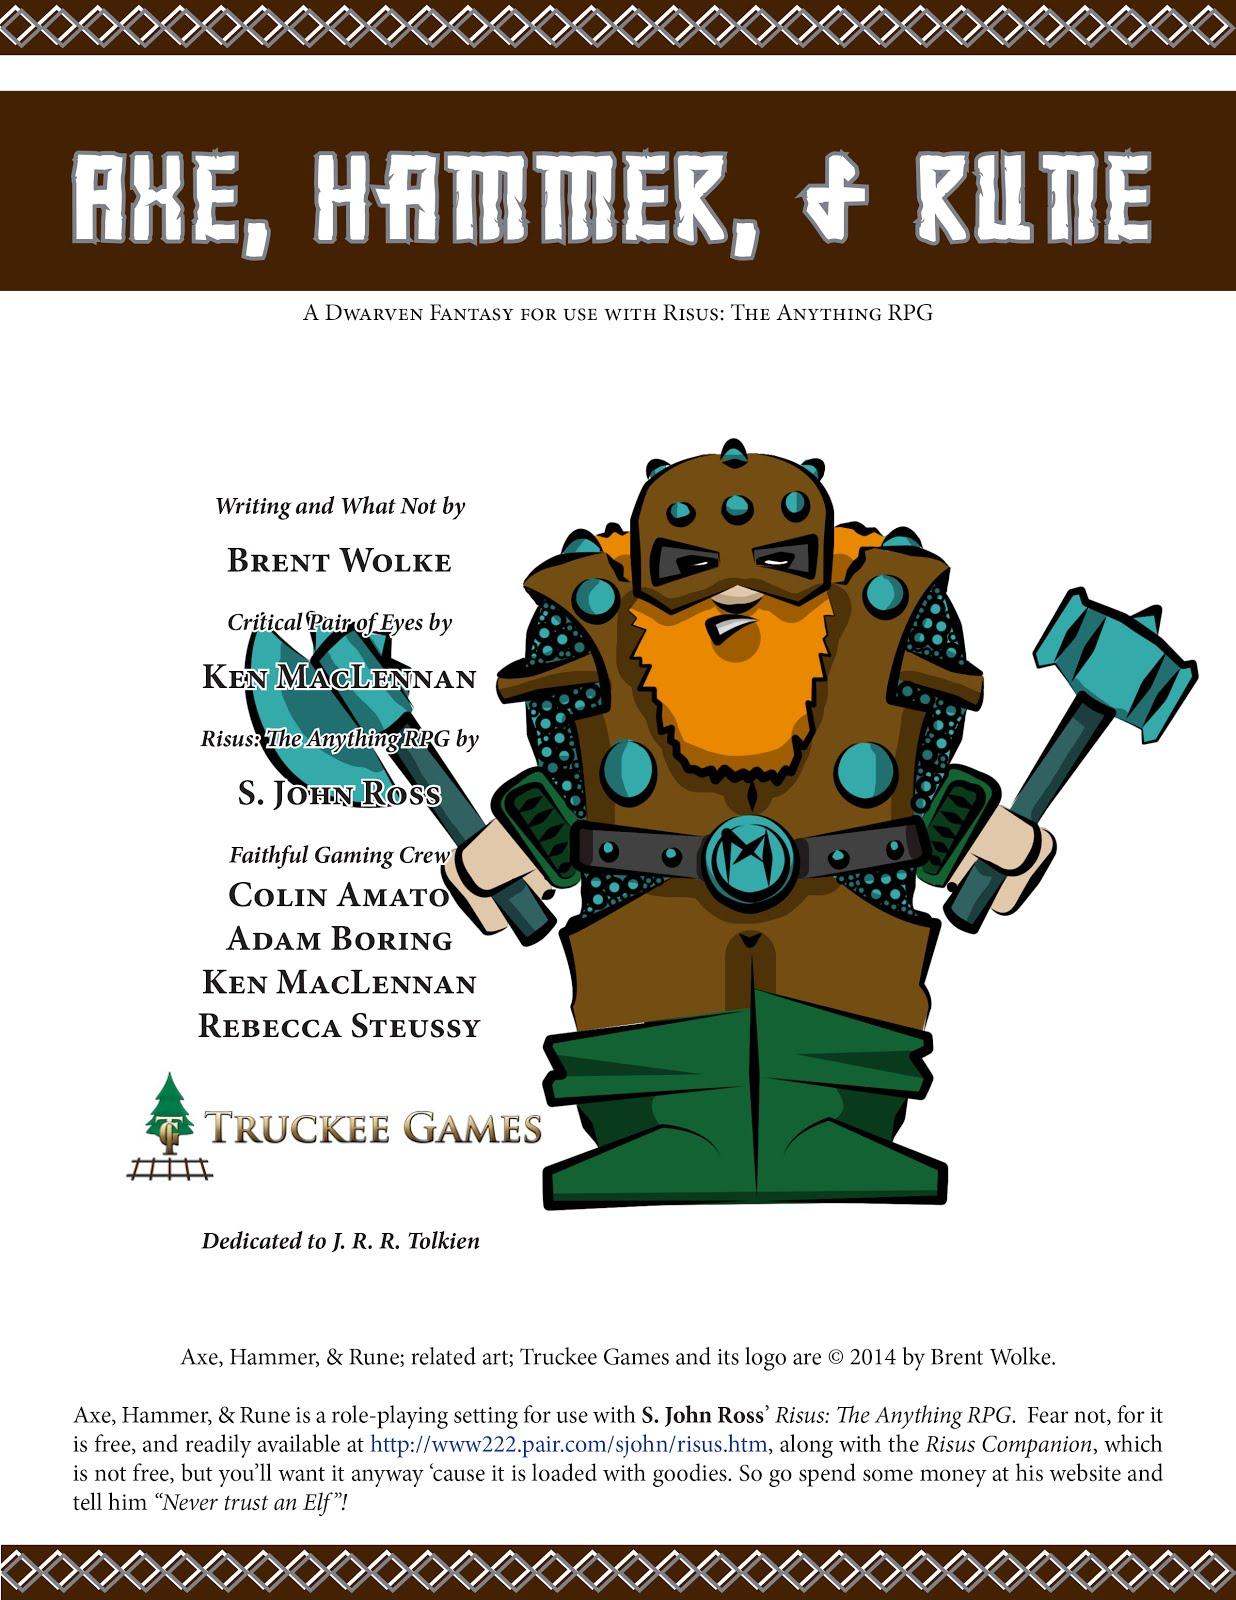 Axe, Hammer, & Rune